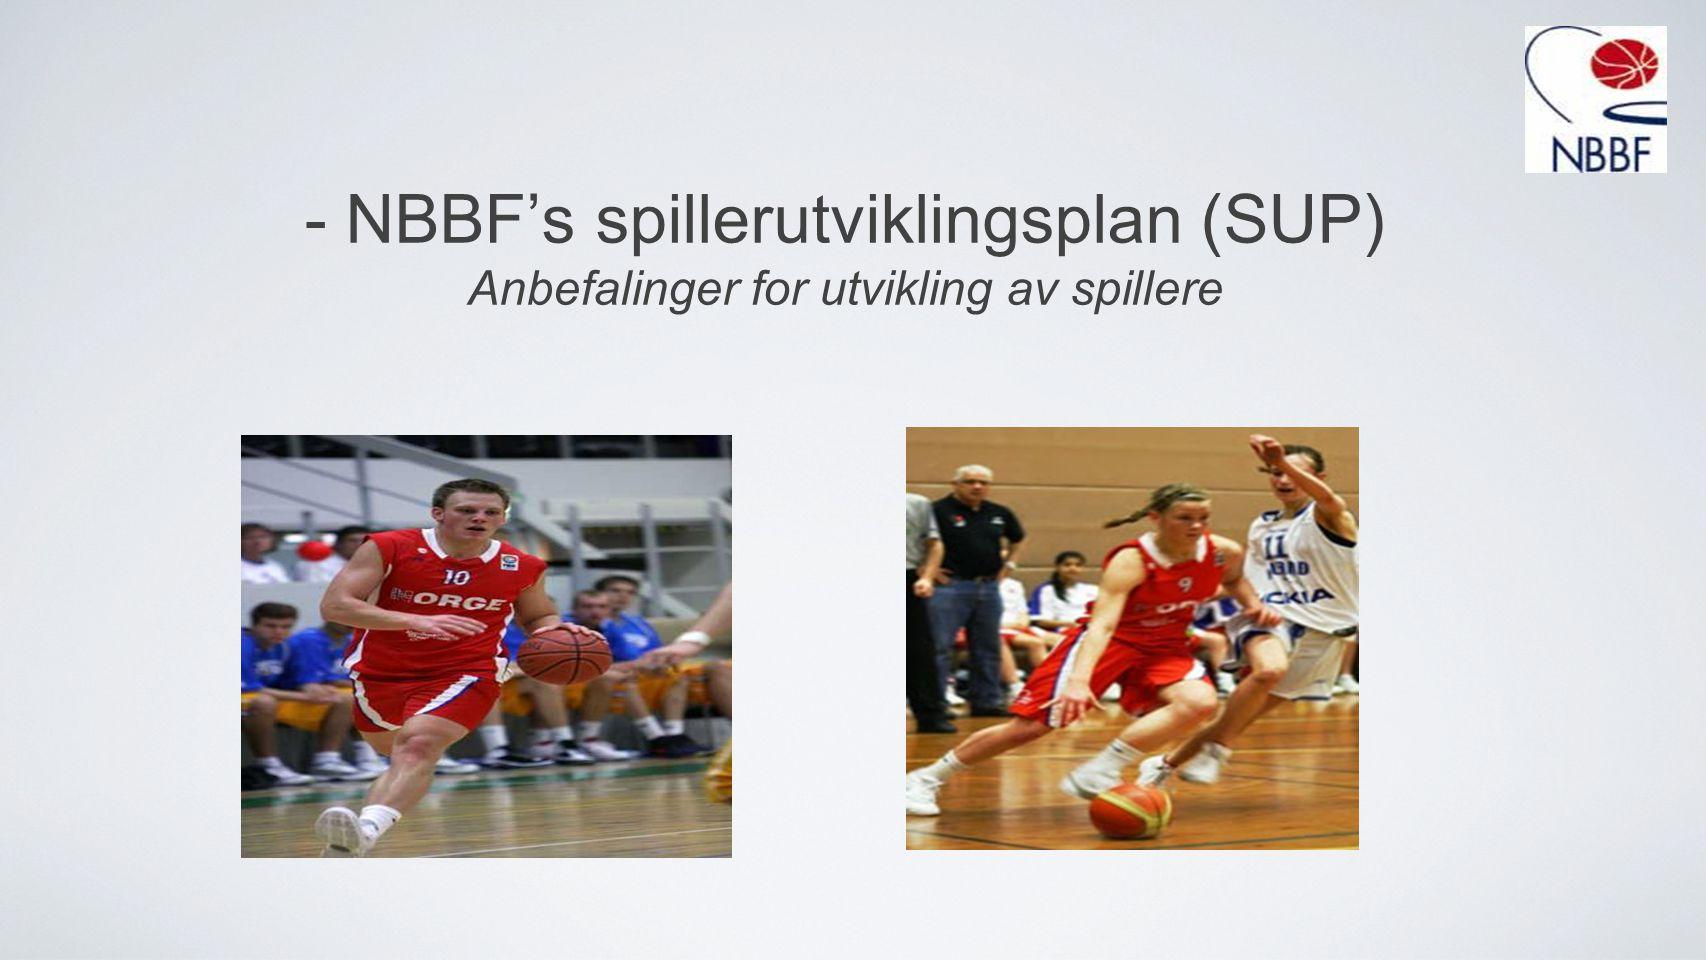 - NBBF's spillerutviklingsplan (SUP) Anbefalinger for utvikling av spillere